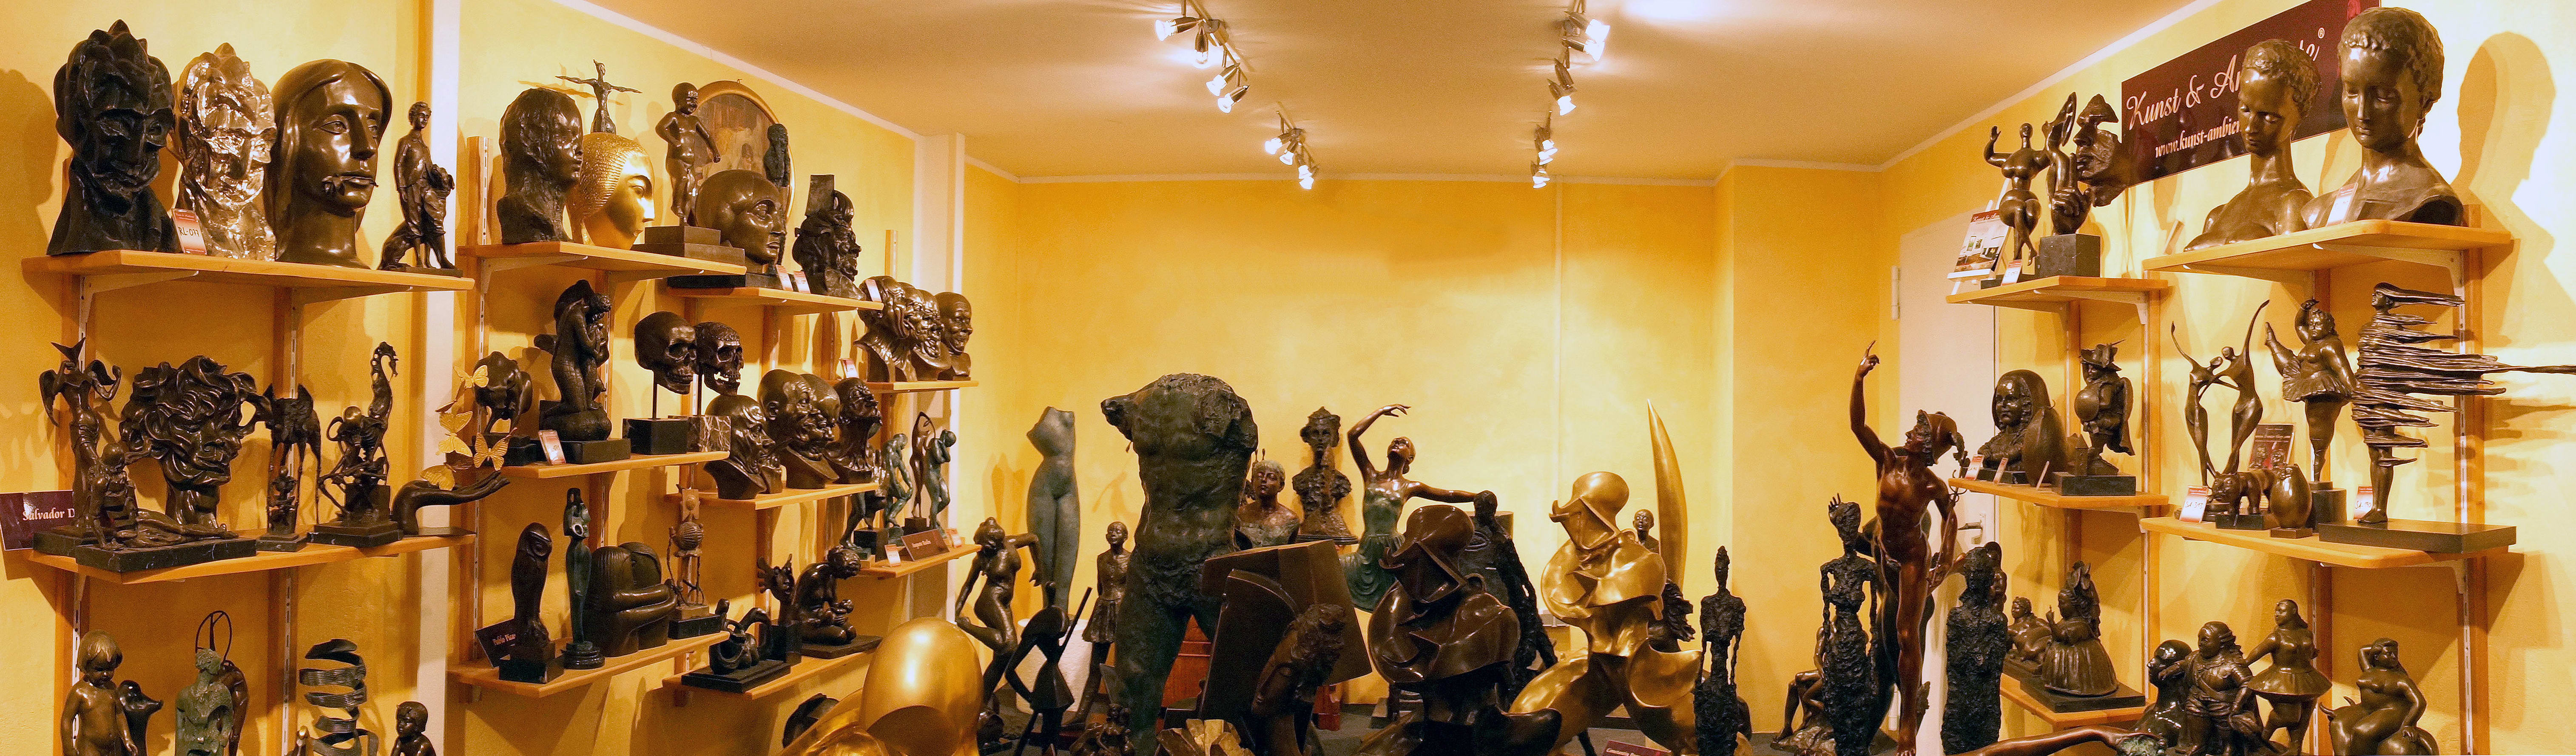 Art Bronze Sculptures